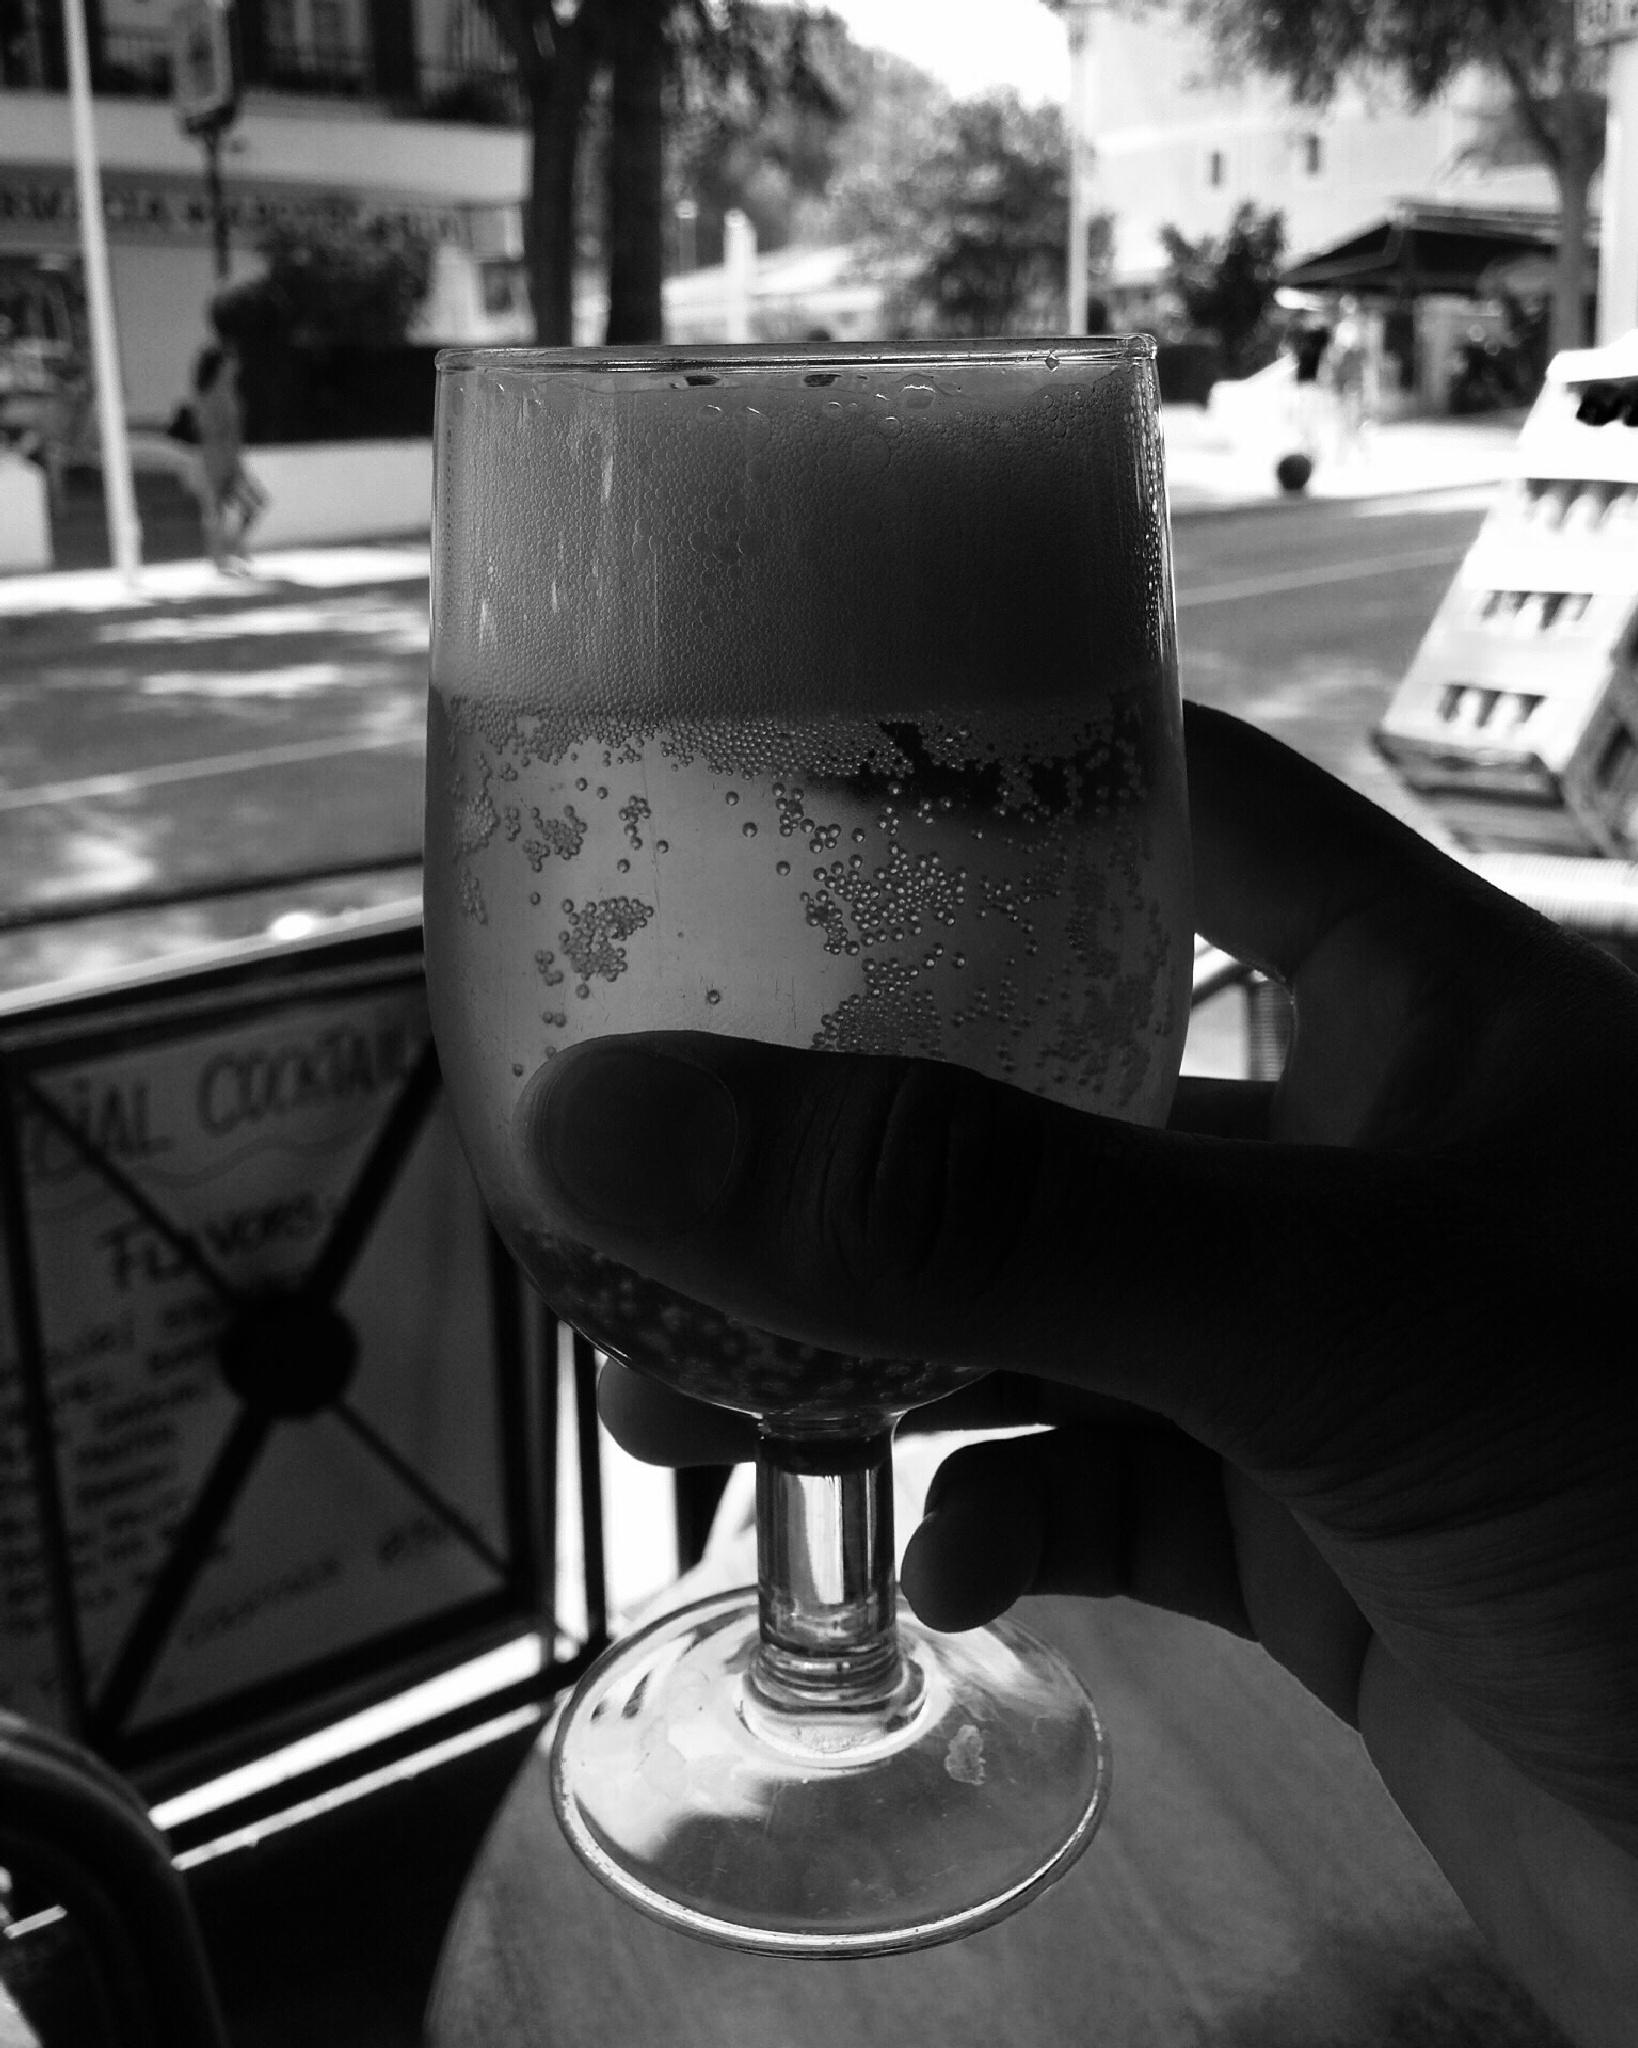 A Beer in Spain by blackandwhitesoul.com